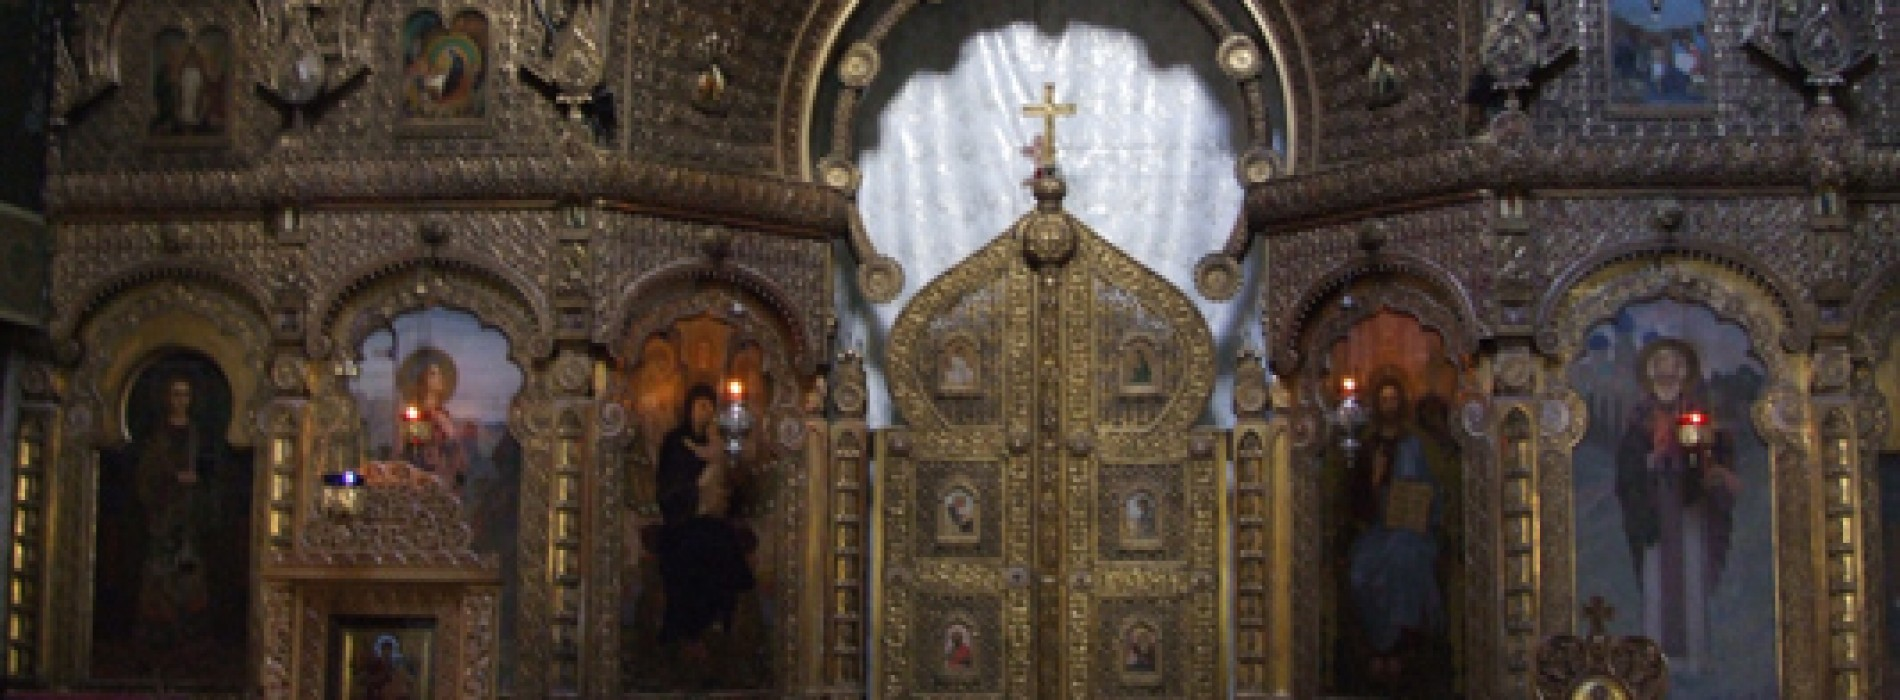 De sfântul Andrei, se îmbină obiceiuri străvechi